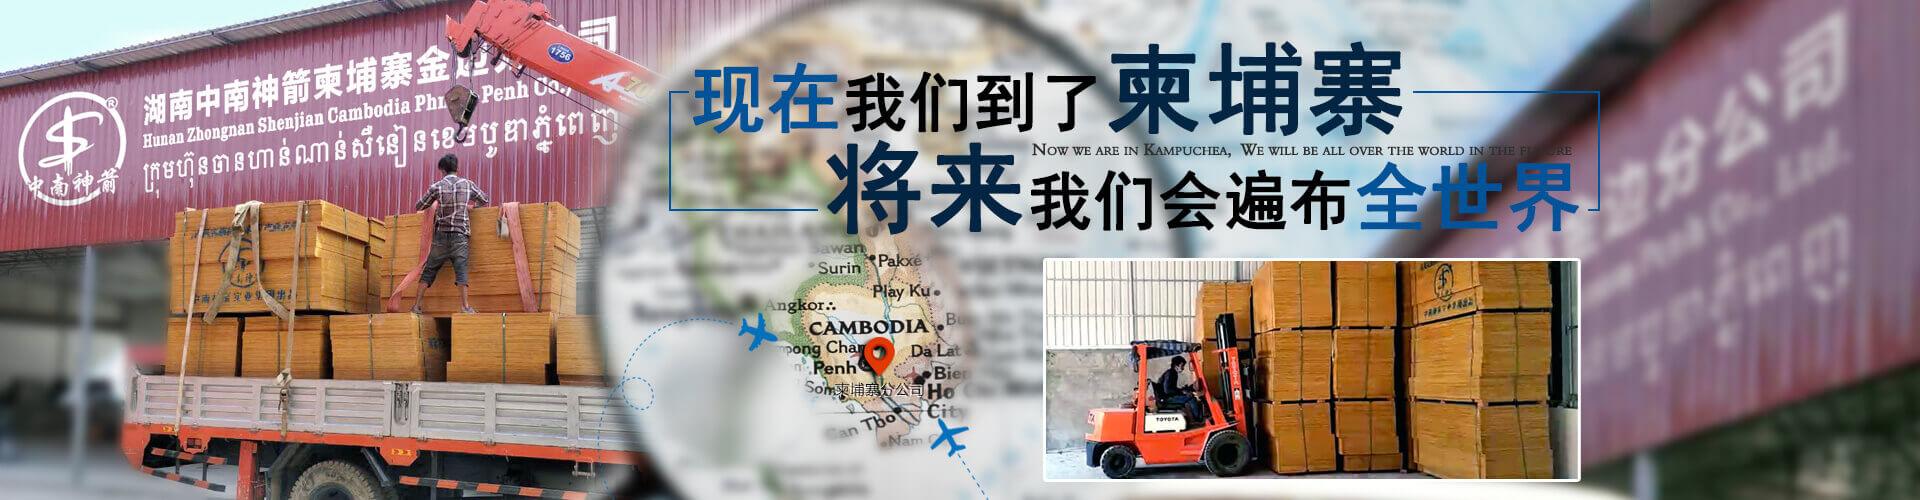 湖南中南神箭柬埔寨金边分公司